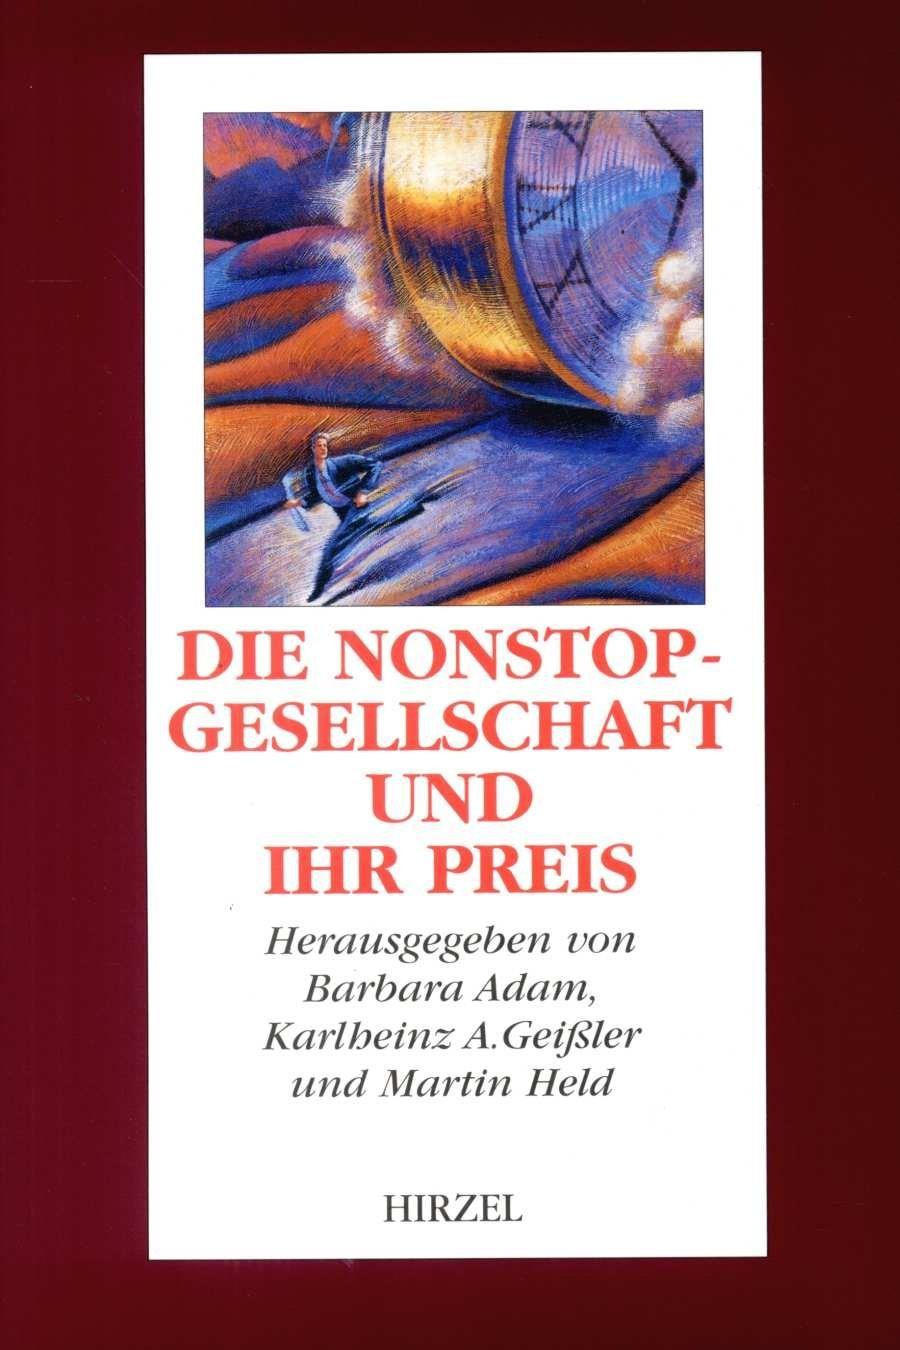 Die Nonstop-Gesellschaft und ihr Preis   Adam / Geißler / Held, 1997   Buch (Cover)